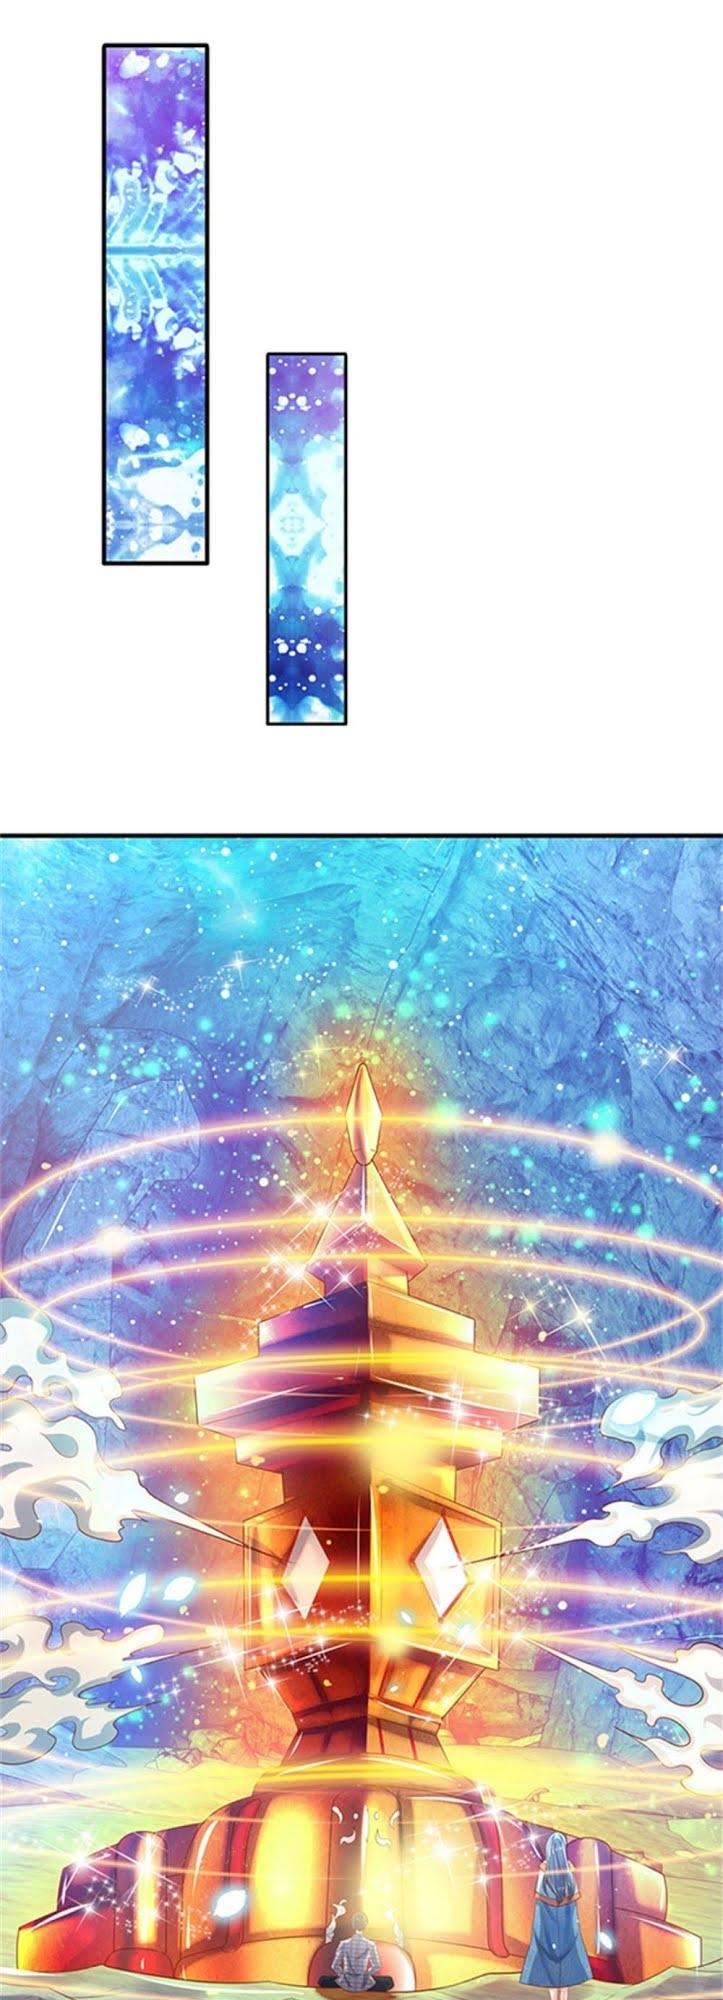 Vạn Cổ Thần Vương chap 49 - Trang 19